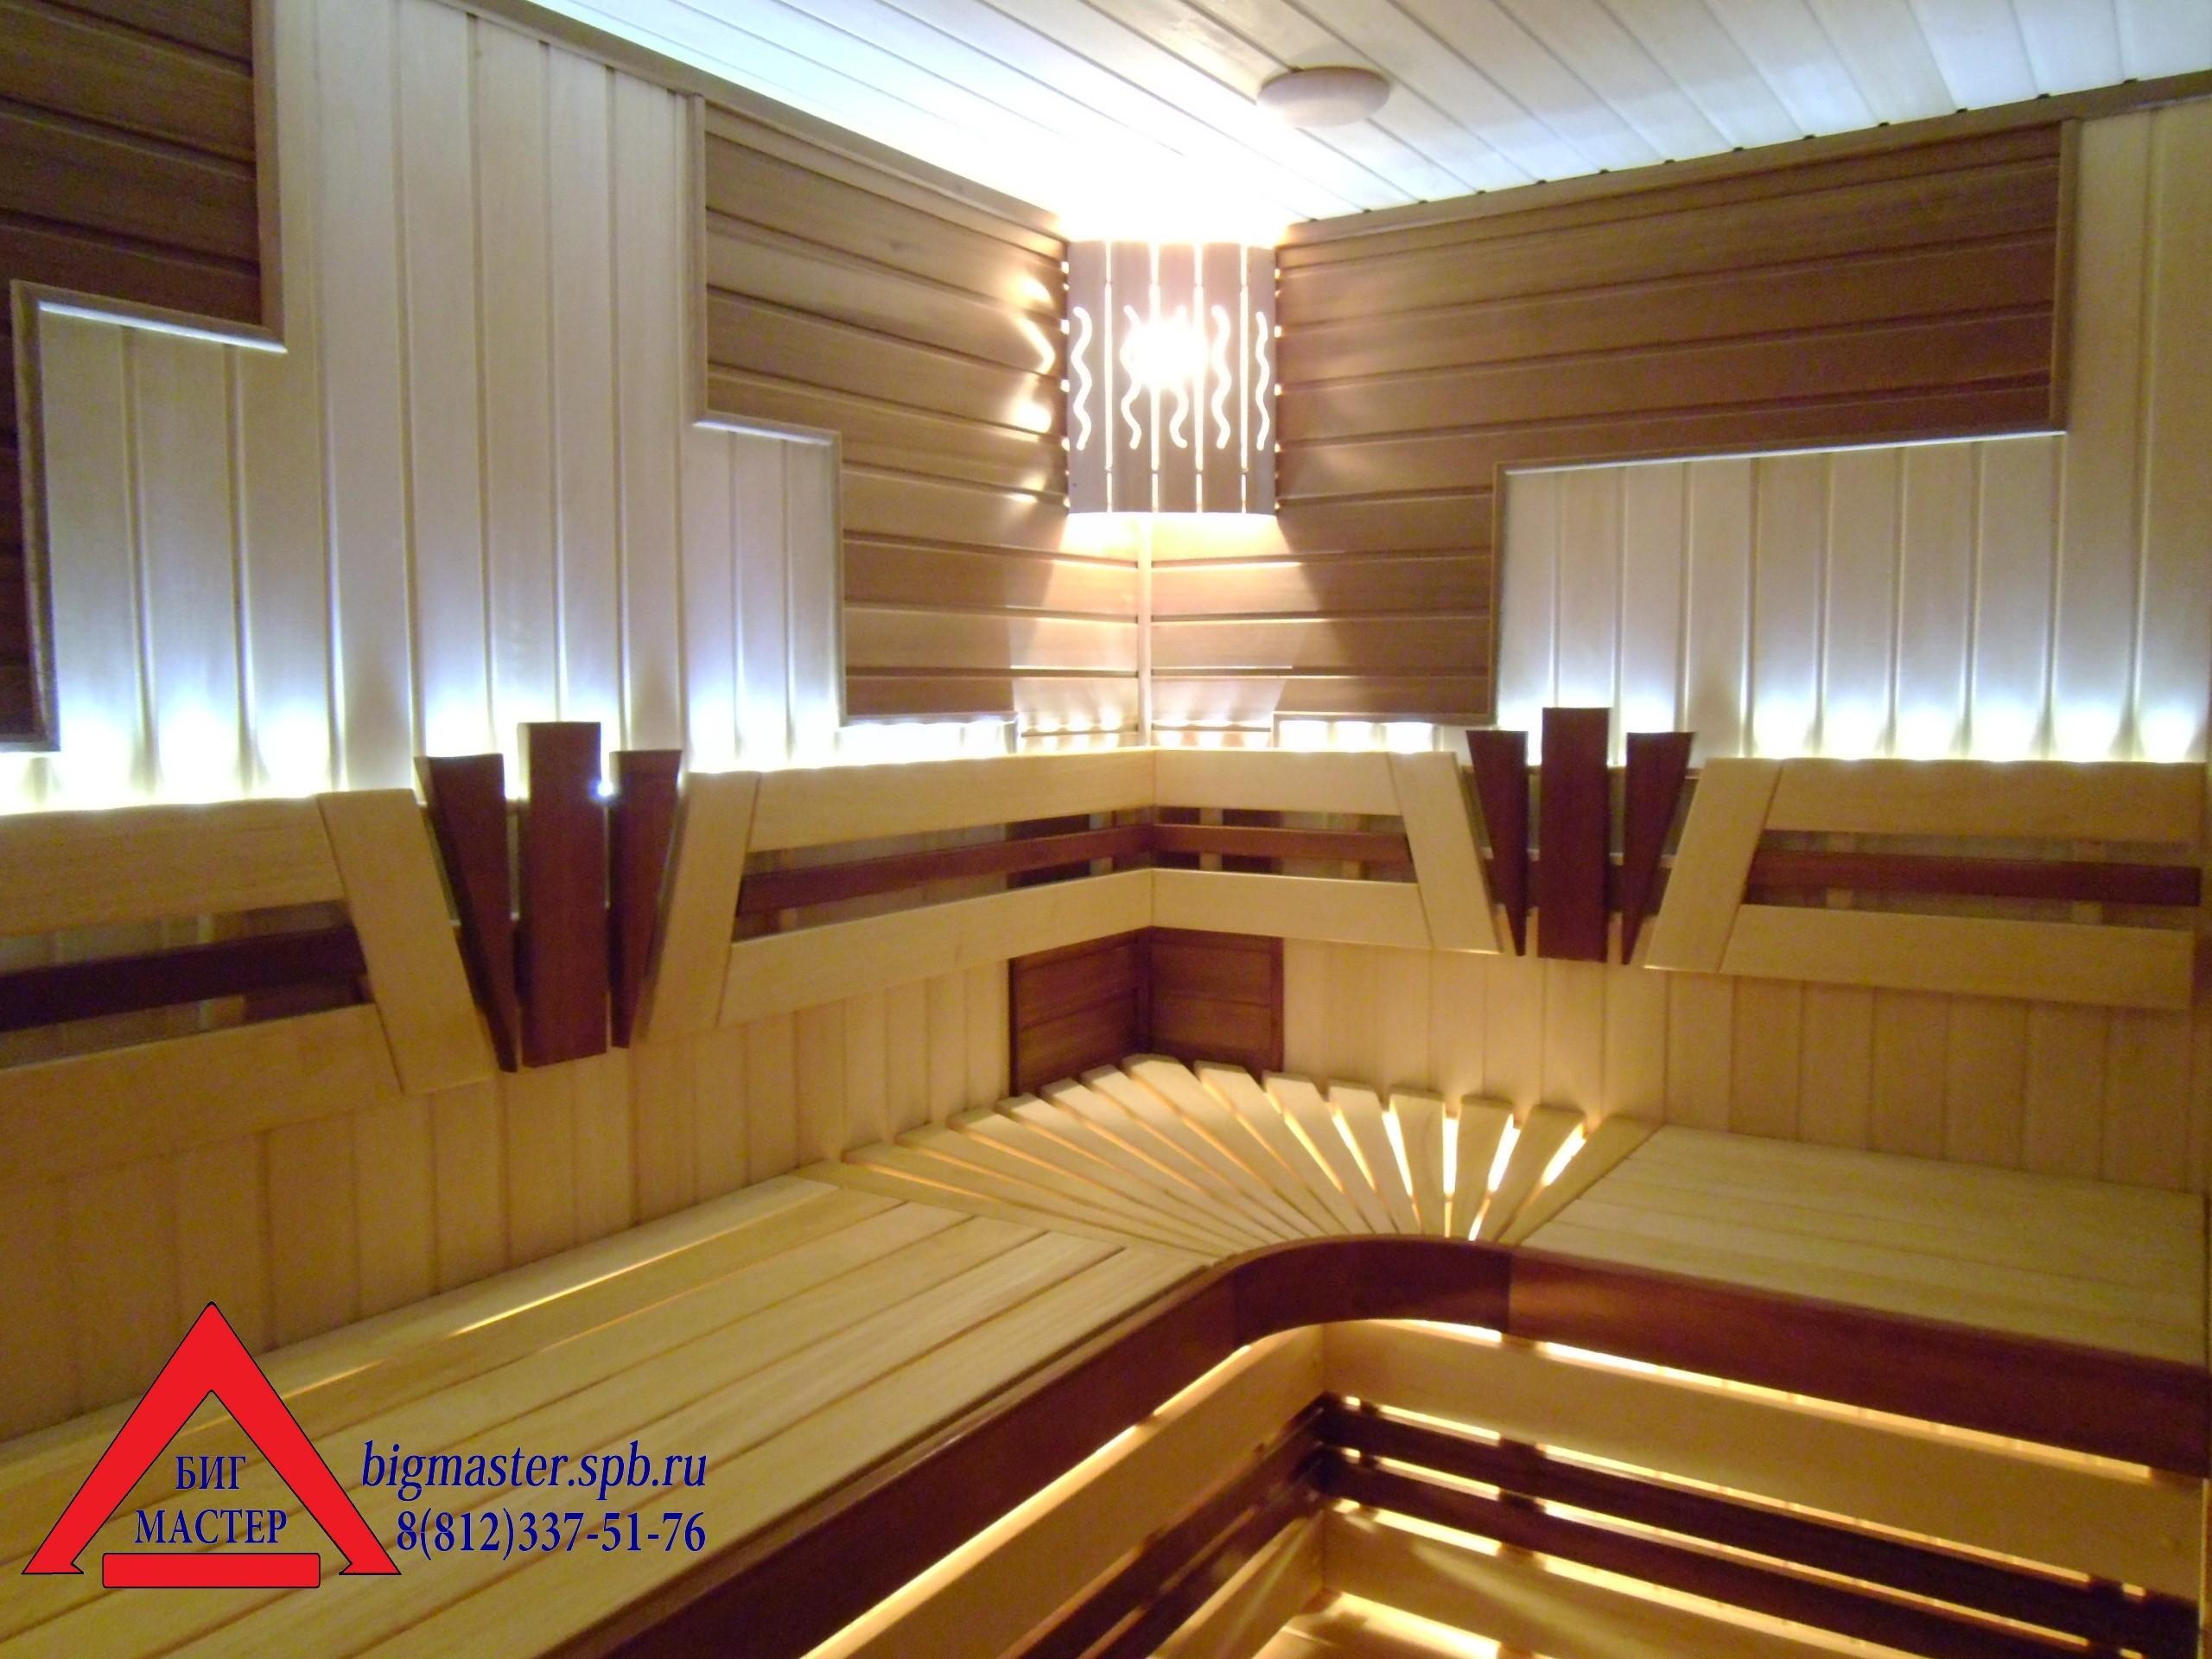 «Строительство сауны и отделка бани под ключ» фото - Sauna ot BIG MASTER s logotipom